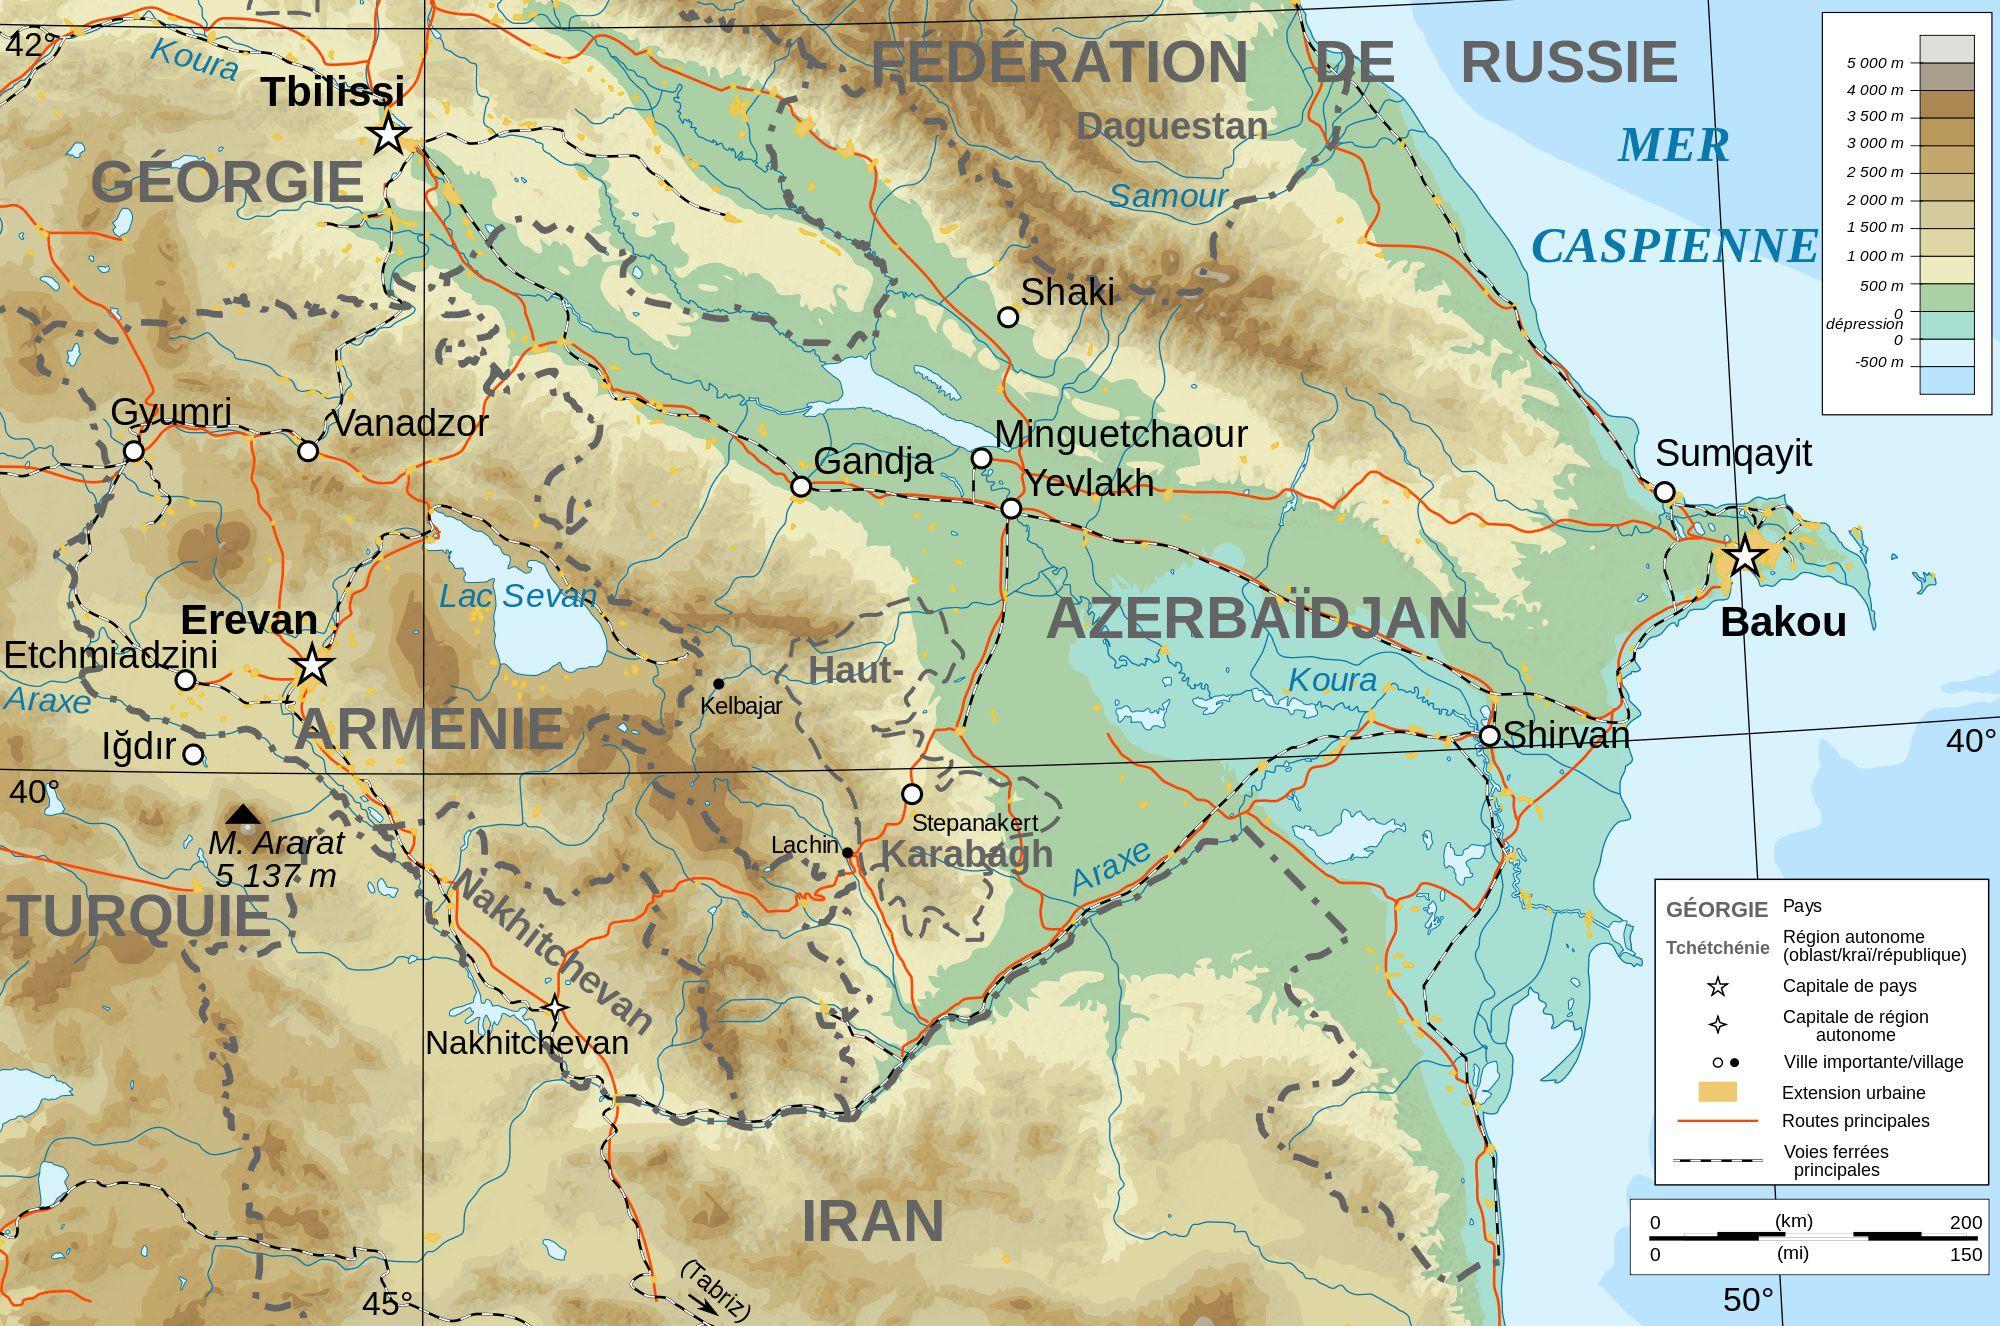 Carte du relief de l'Azerbaïdjan